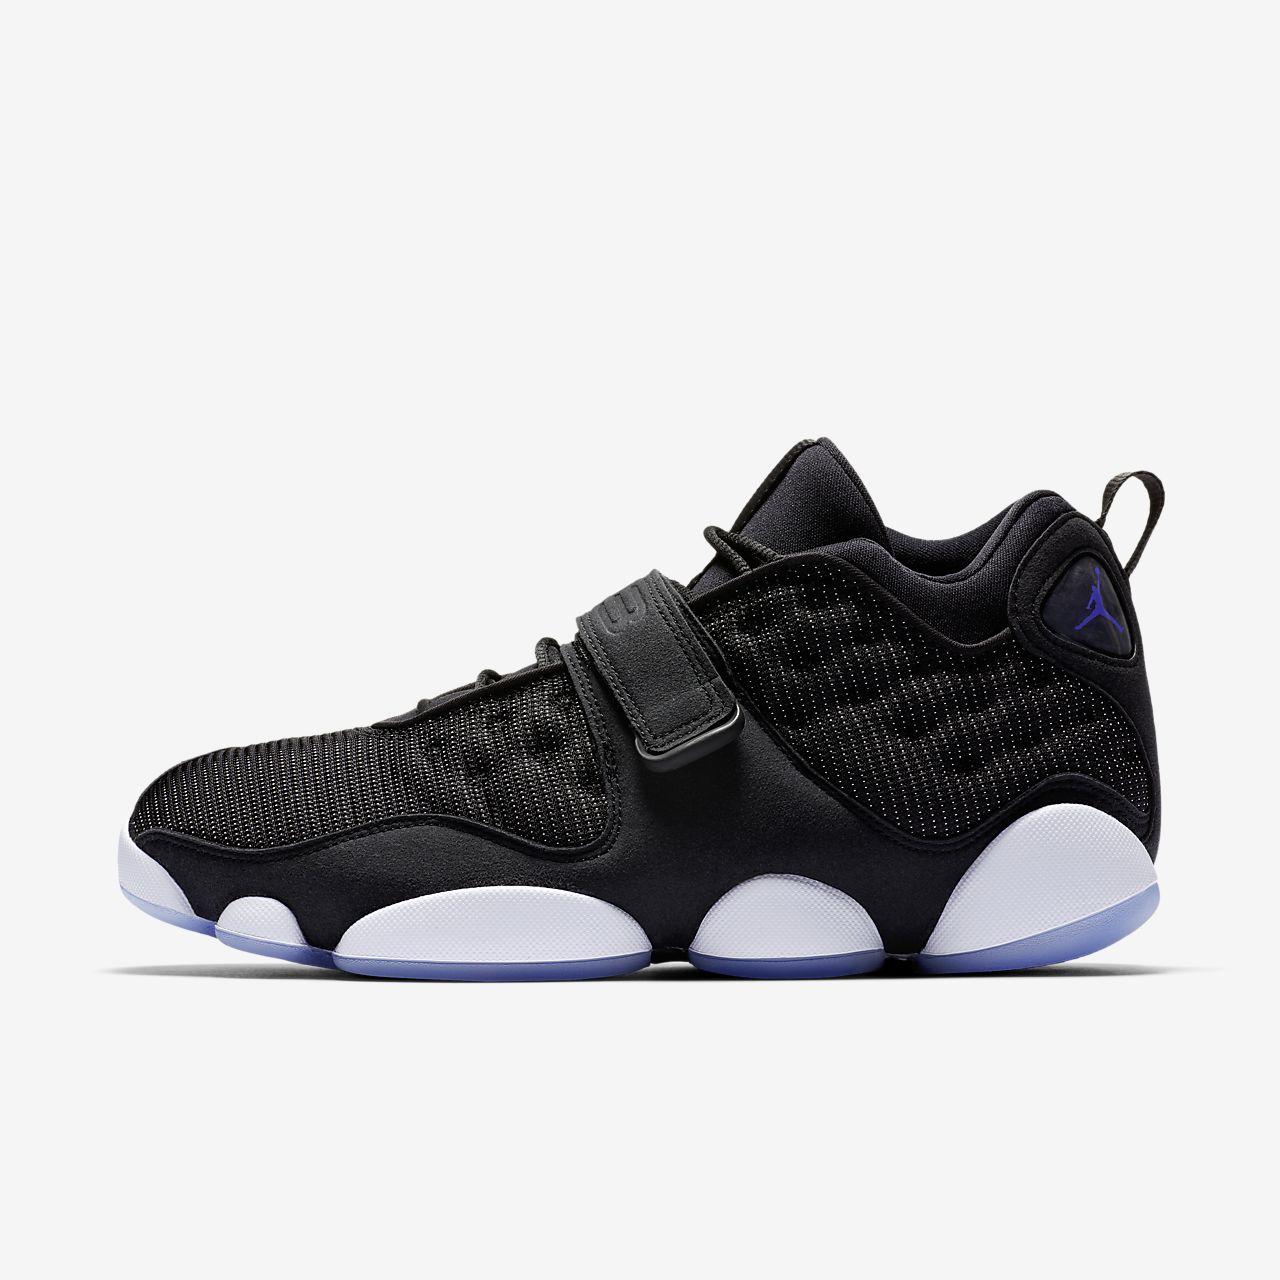 d4cd67f095d8 Low Resolution Jordan Black Cat Men s Shoe Jordan Black Cat Men s Shoe